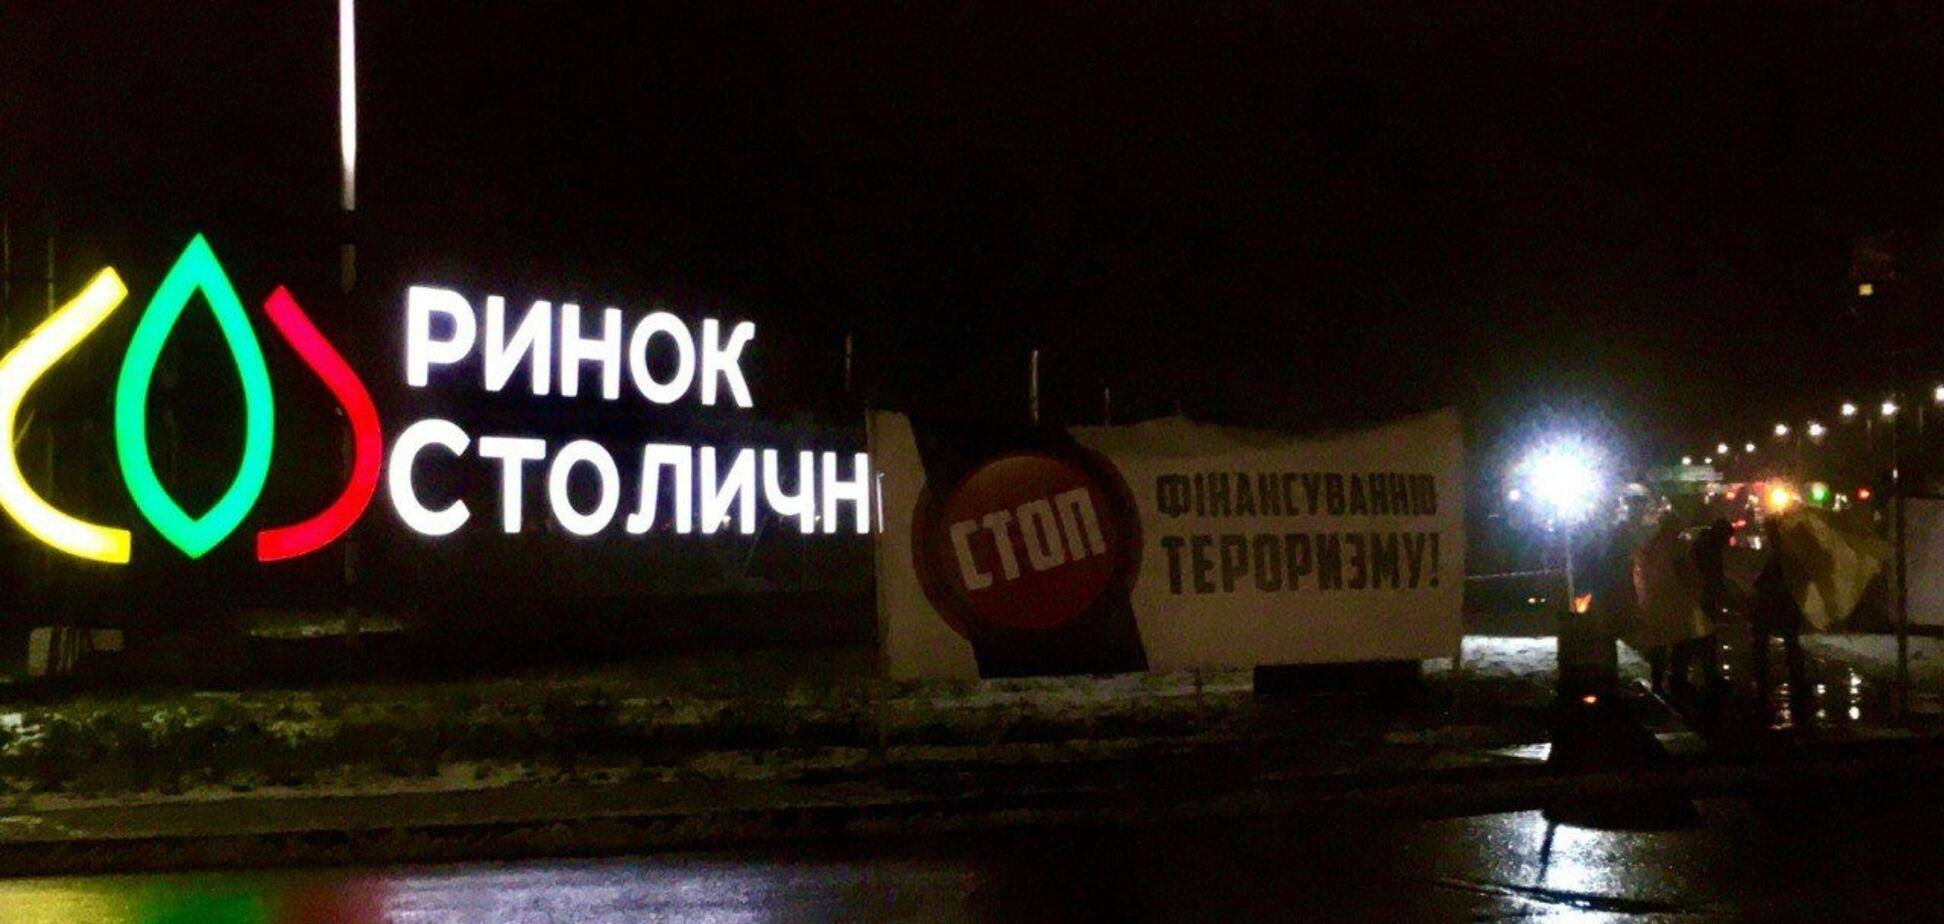 Политолог обратил внимание на участие 'Правого сектора' в попытках захвата киевского рынка 'Столичный'